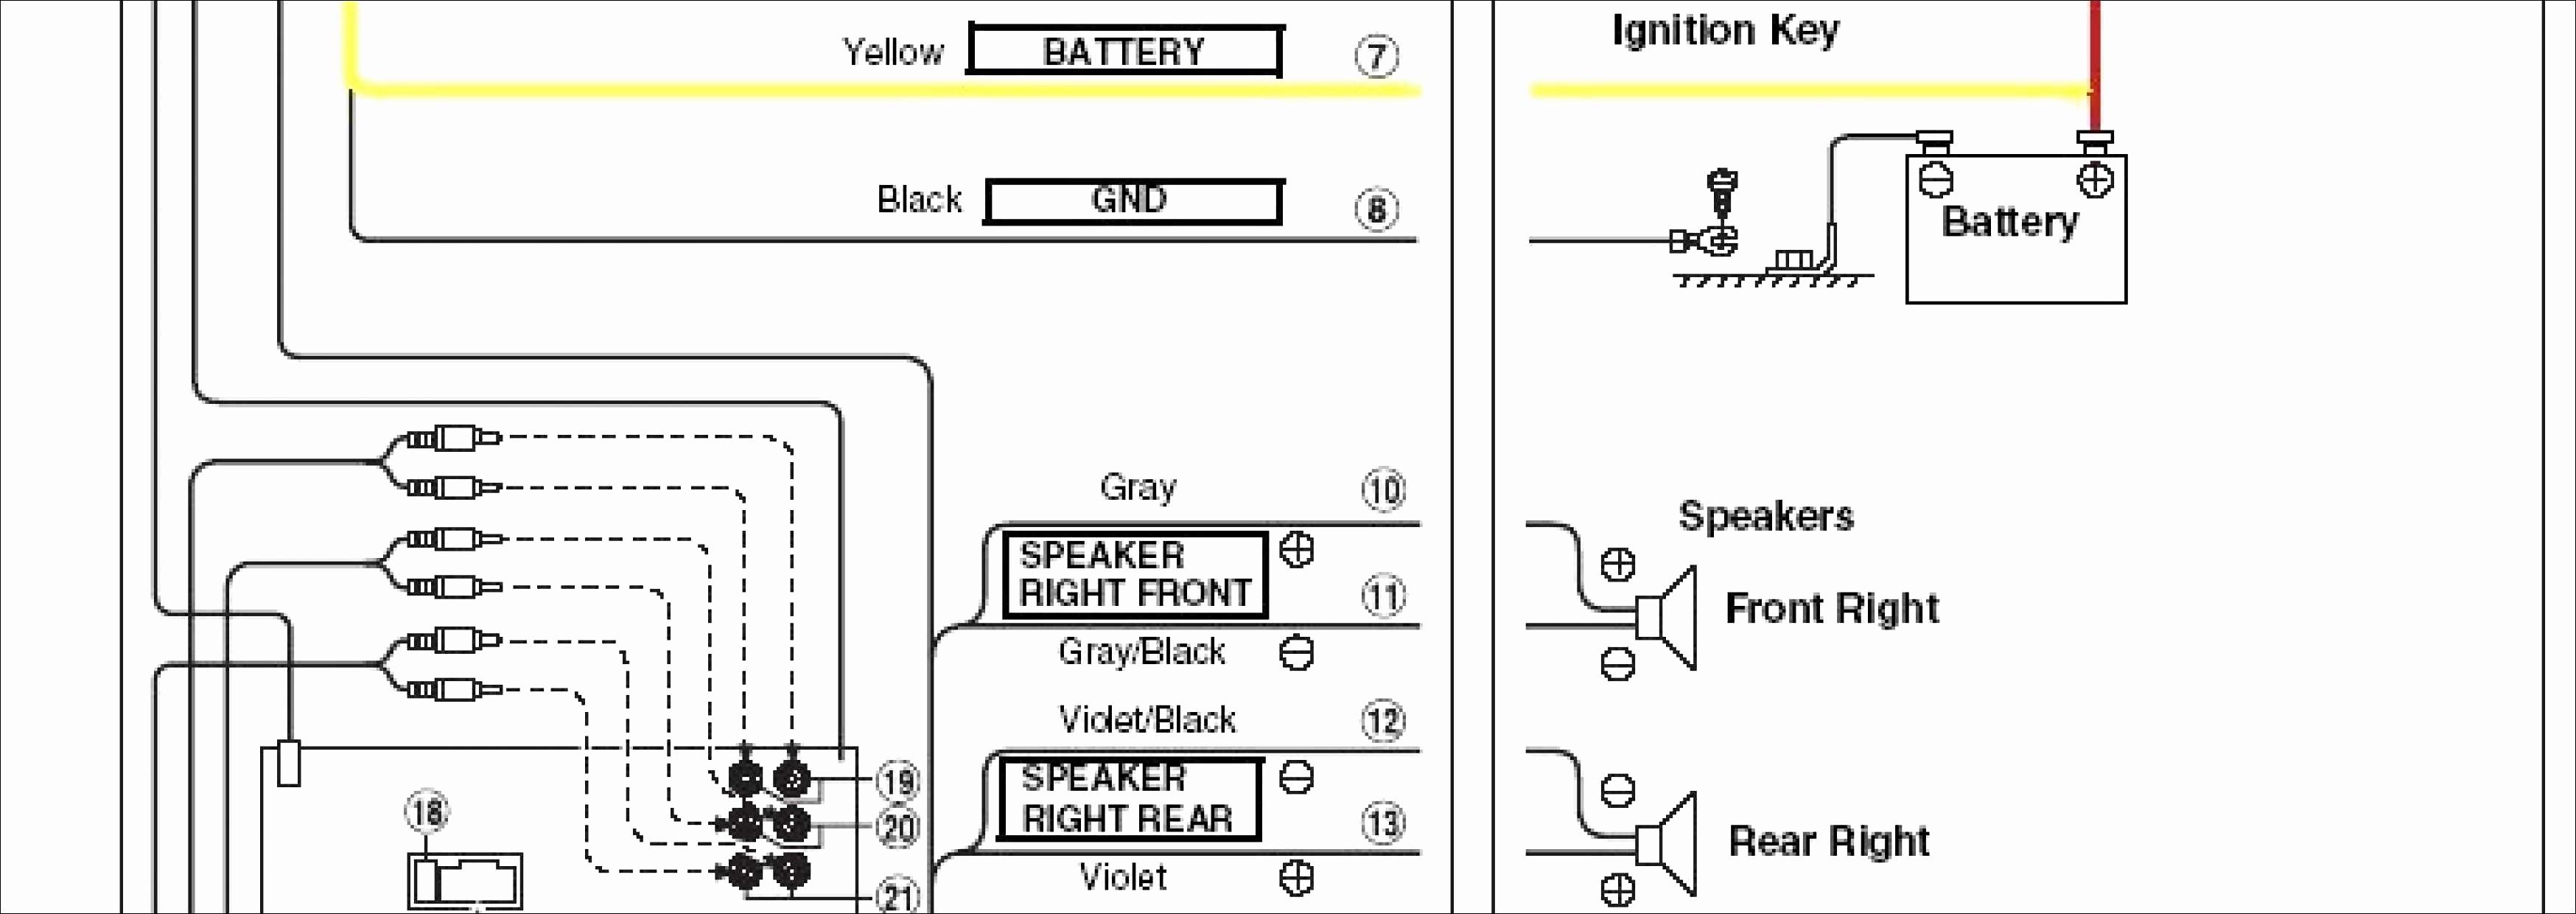 Pioneer Avh X1500 Wiring Diagram | Wiring Diagram – Pioneer Avh X1500Dvd Wiring Diagram